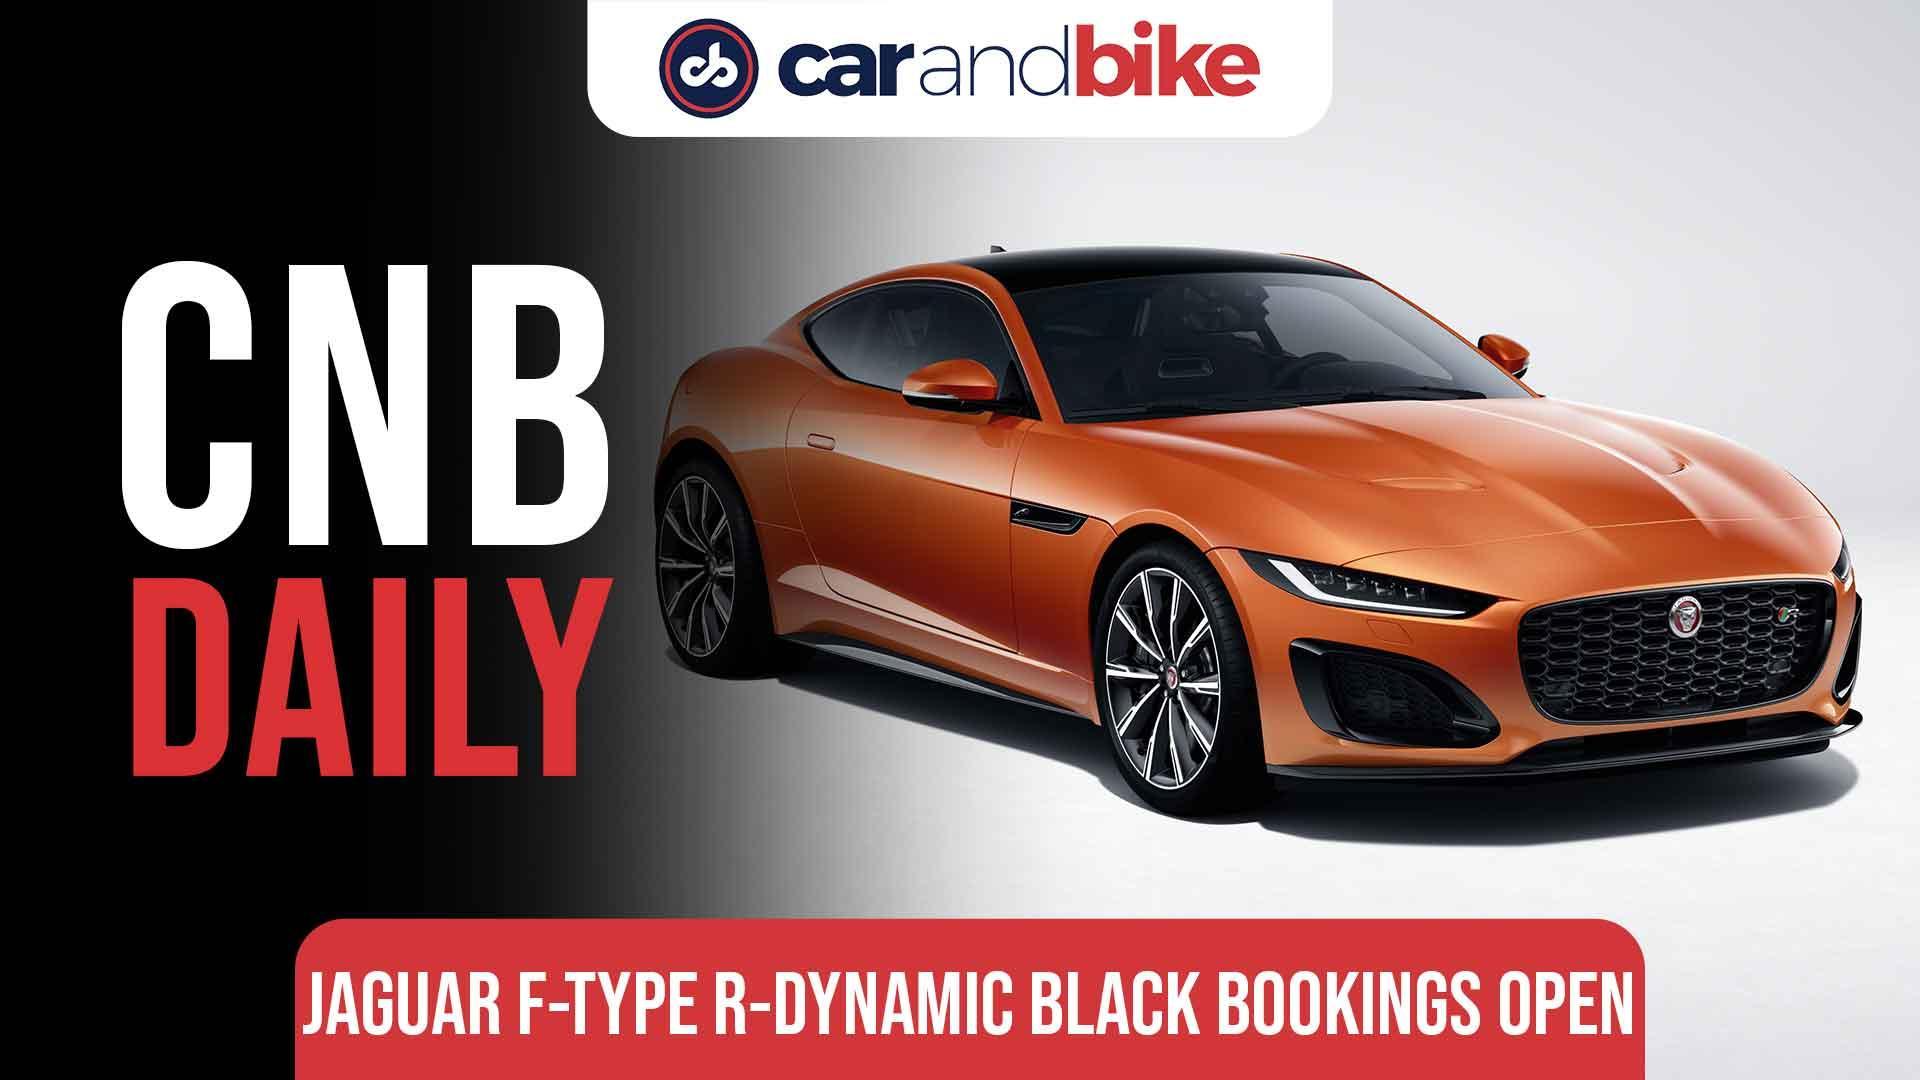 Jaguar F-Type R-Dynamic Black Bookings Open